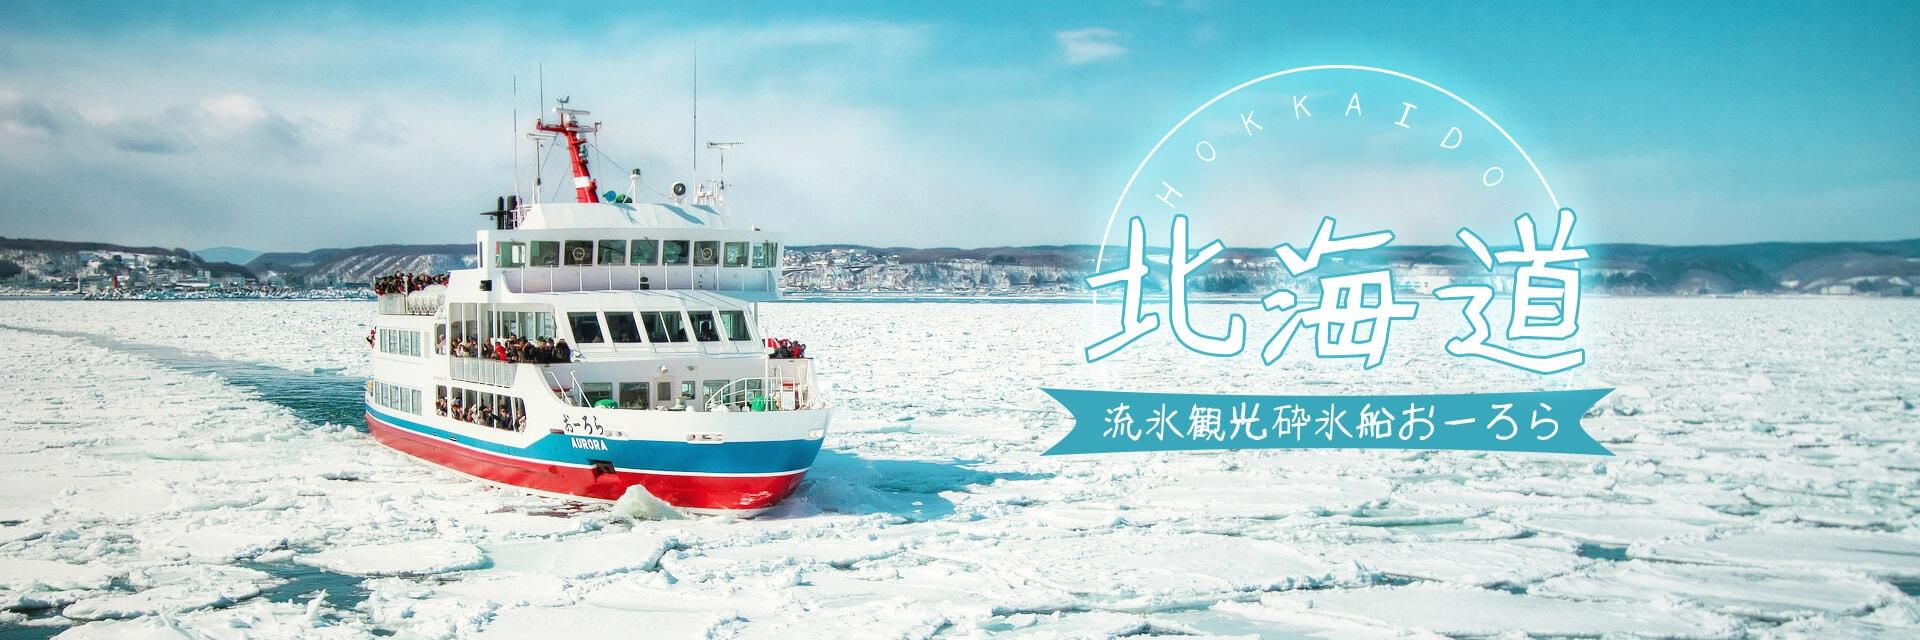 上順、日本、北海道、破冰船、網走市